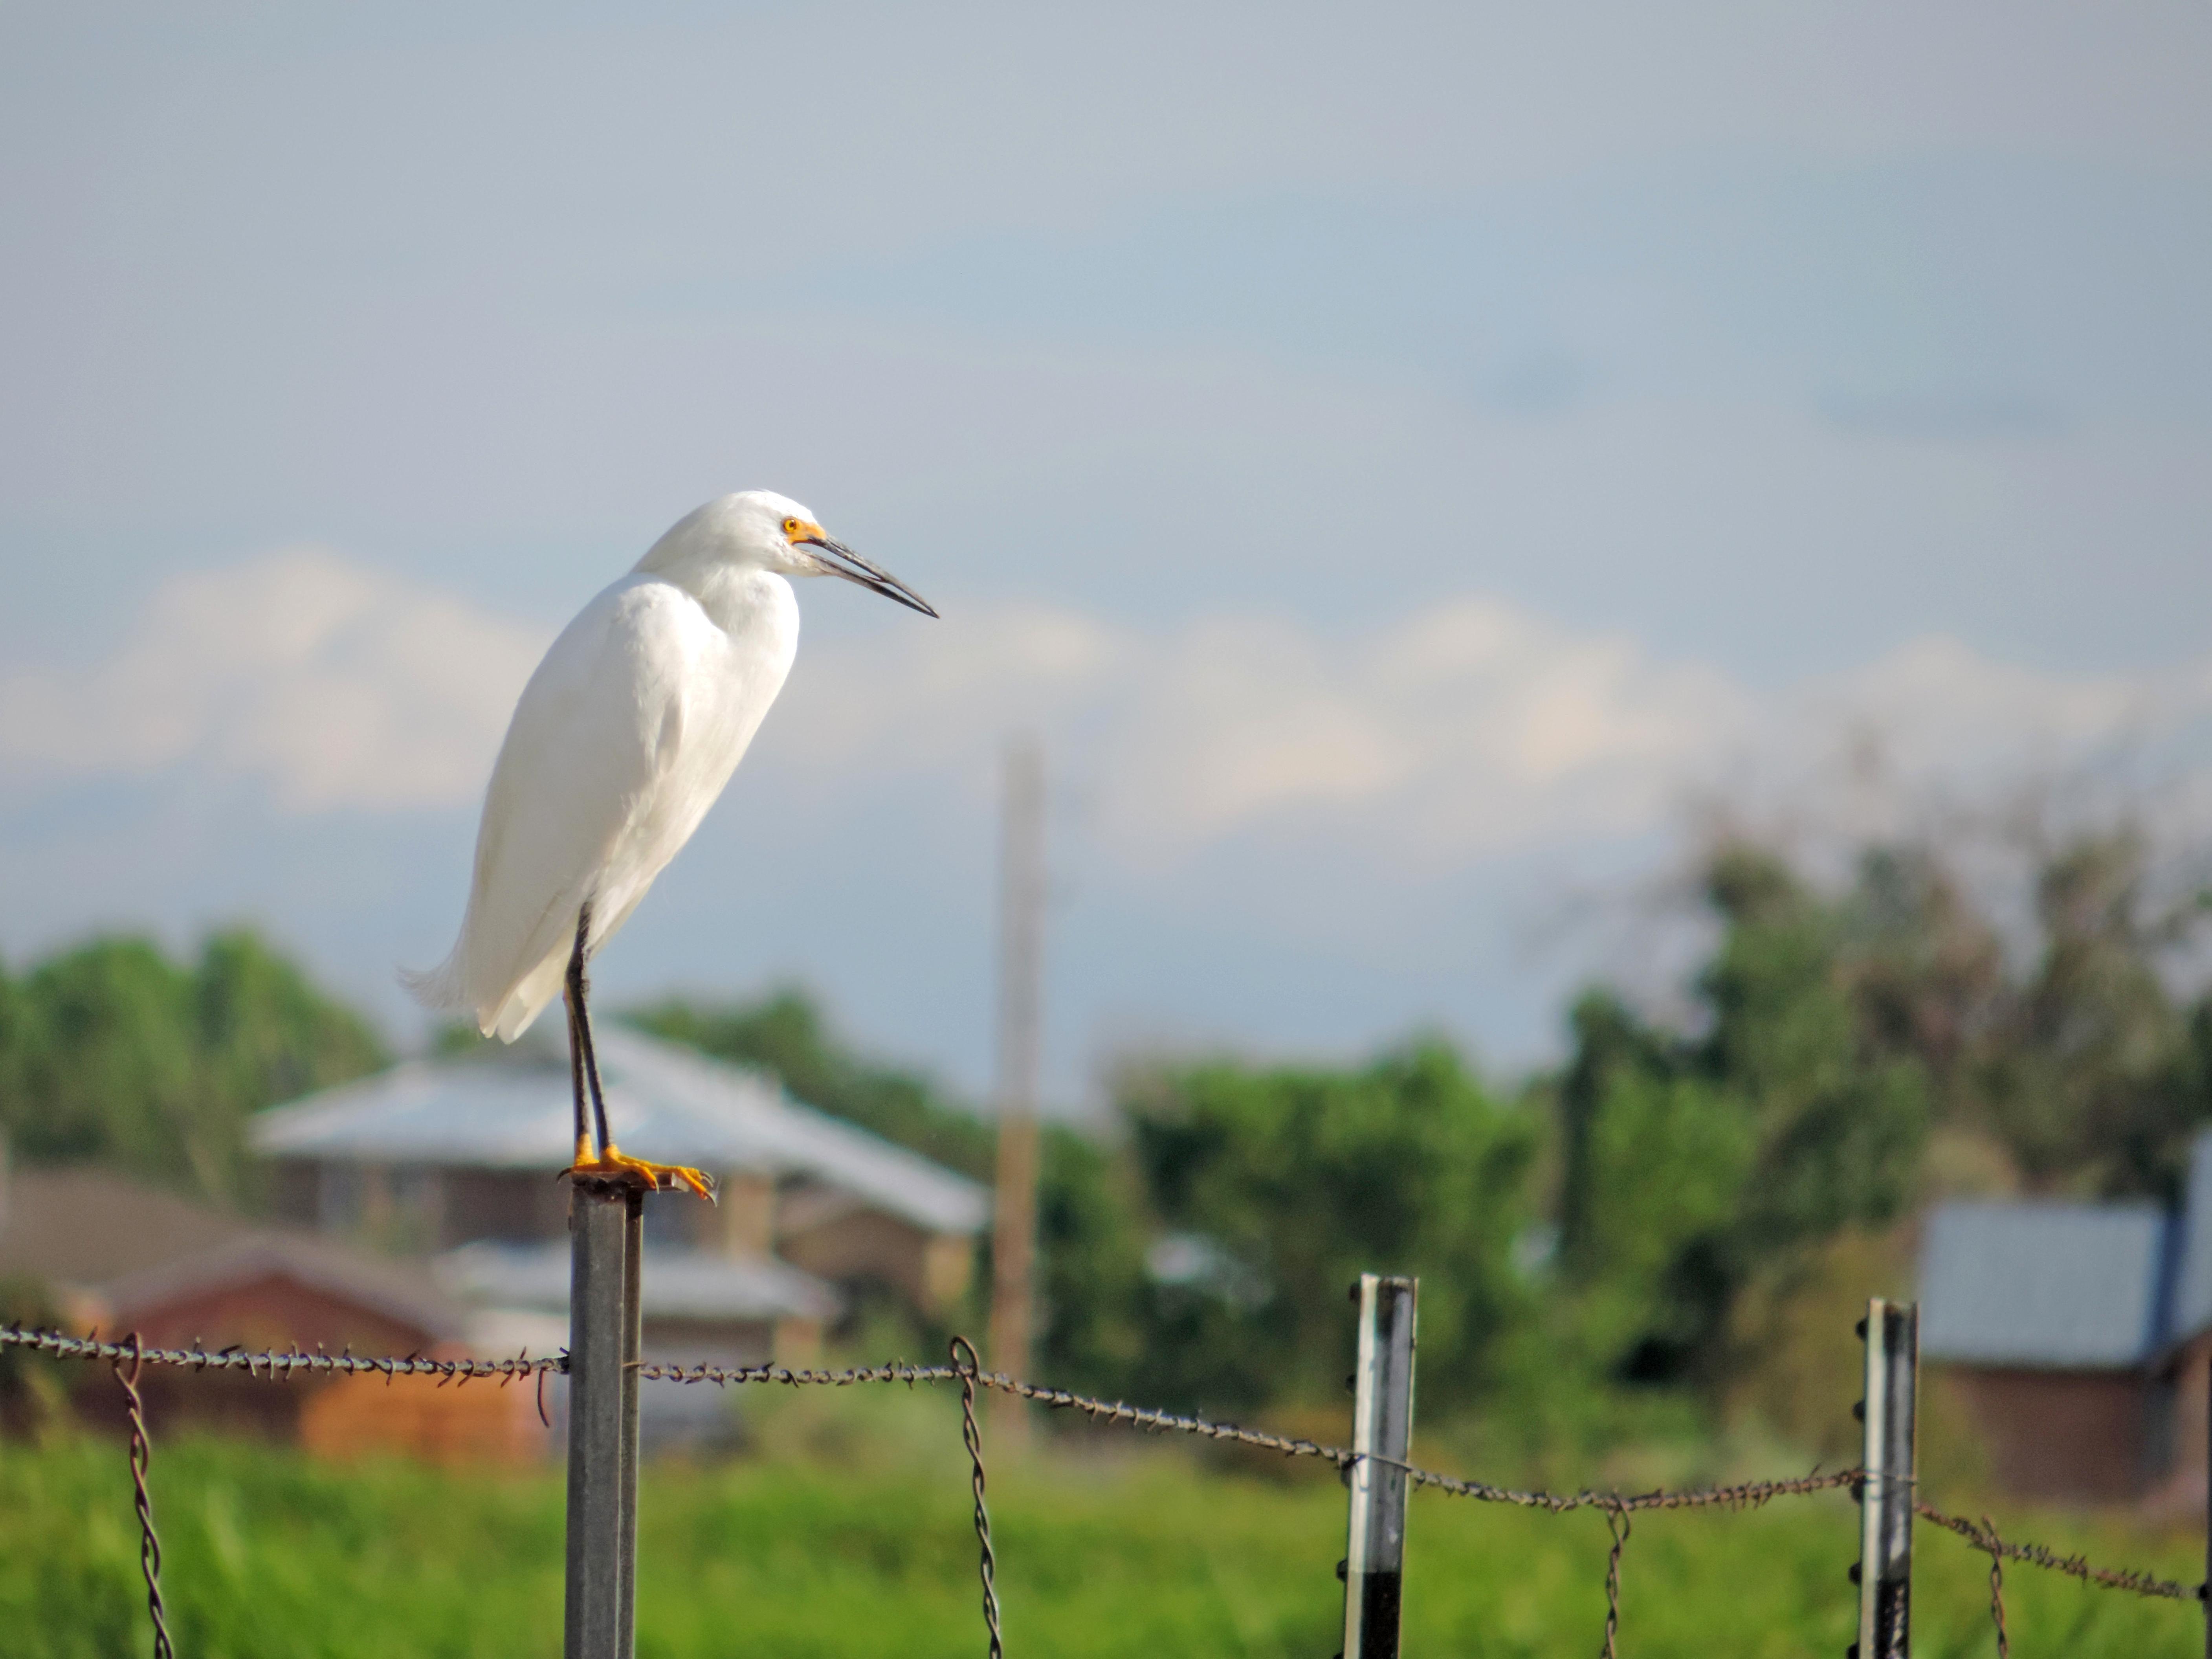 Free photograph; bird, Snowy, egret, wire, bird